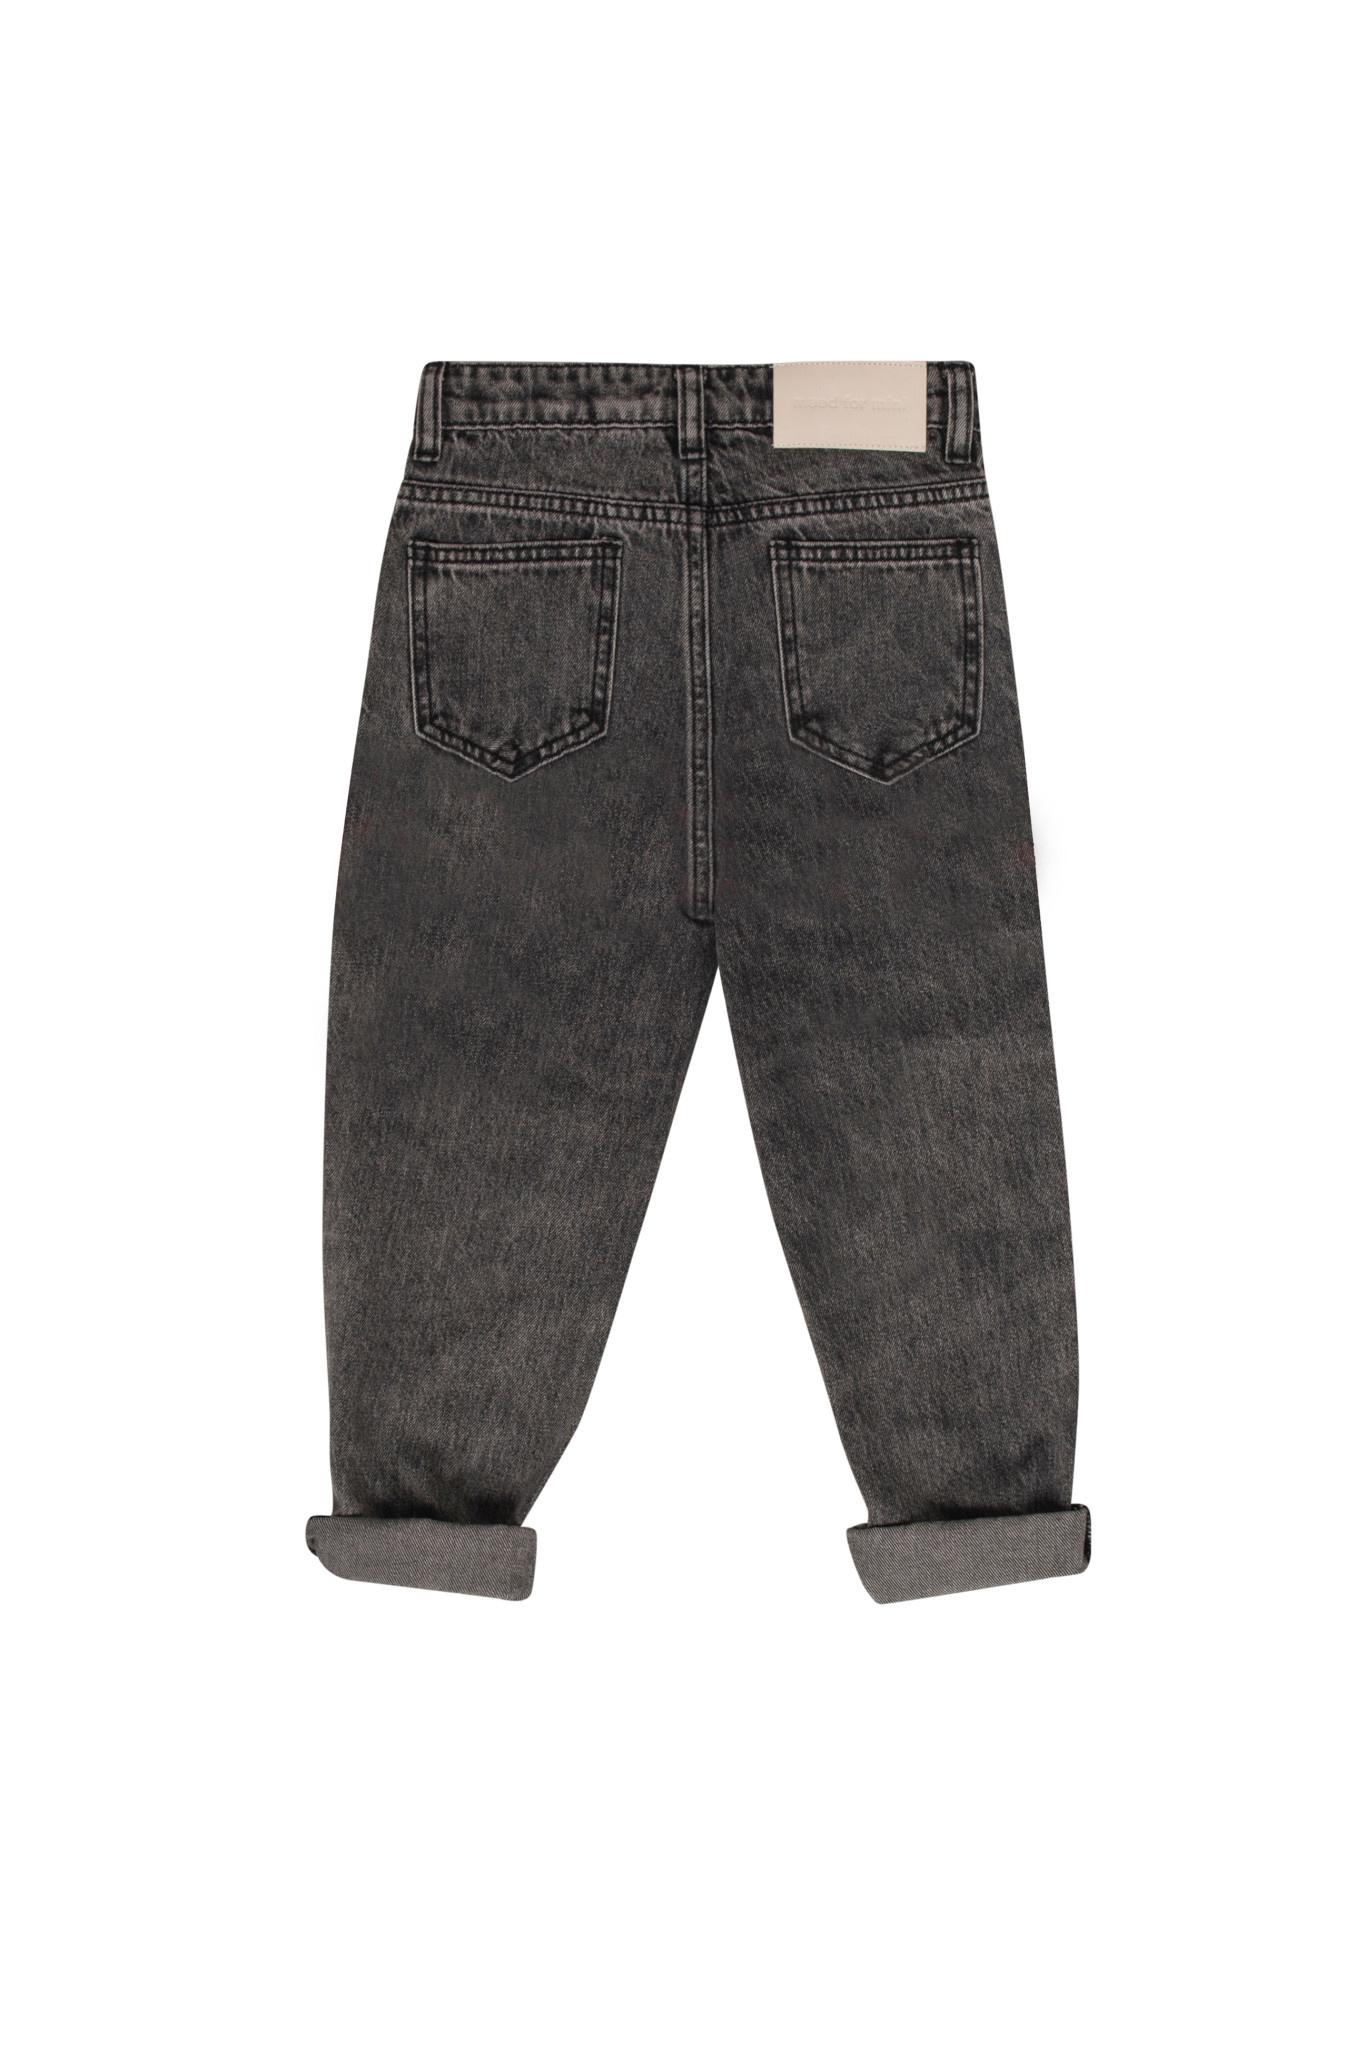 Jeans black bull SS21-1